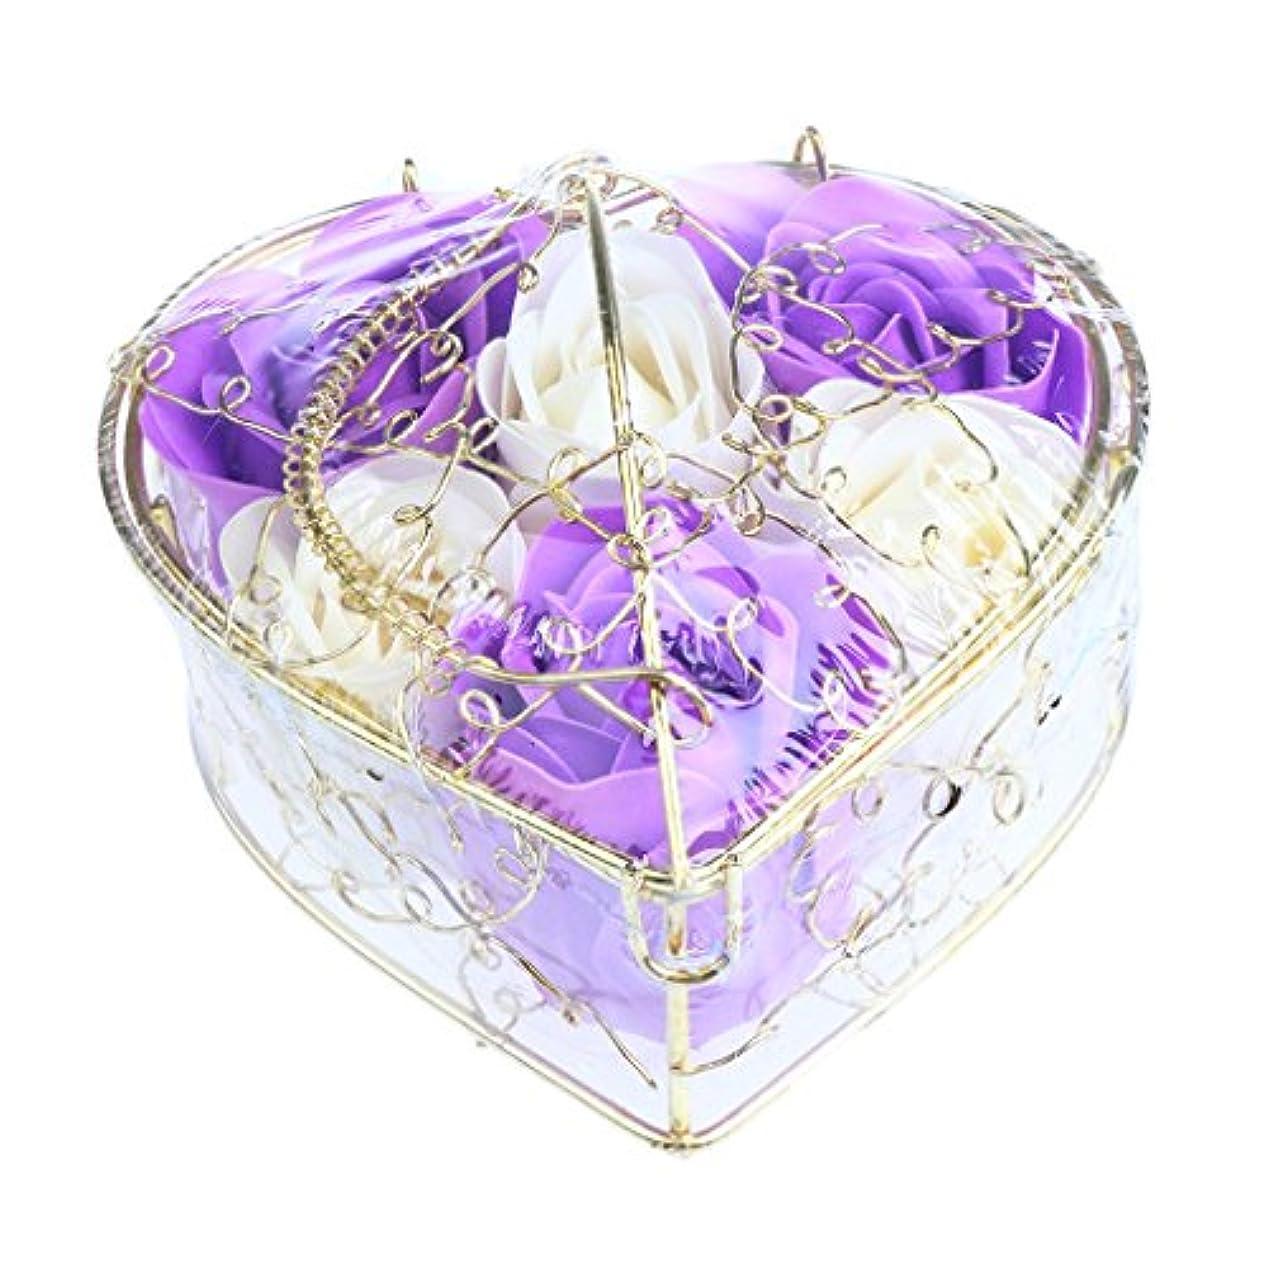 バルコニースリーブ震えBaoblaze 6個 石鹸の花 母の日 プレゼント 石鹸 お花 枯れないお花 心の形 ギフトボックス プレゼント 全5仕様選べる - 紫と白